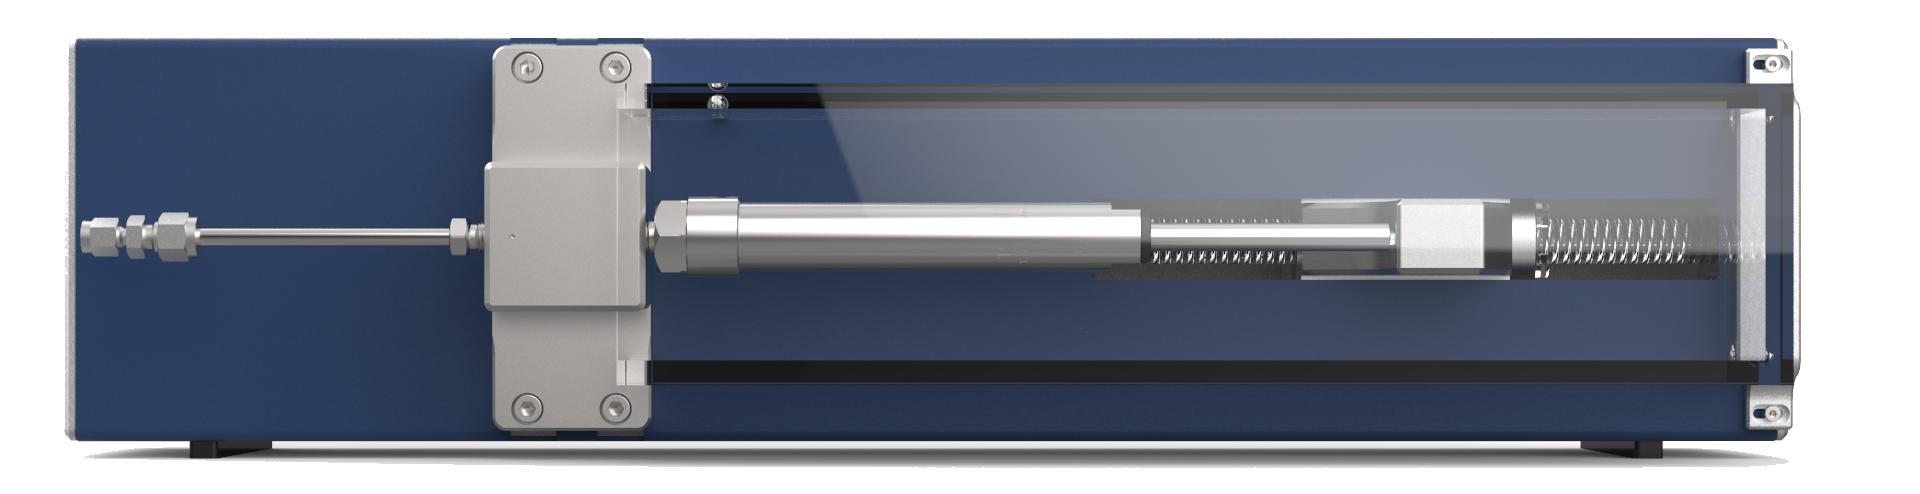 Spritzenpumpe Nemesys Ulta-Hochdruckmodul, Nemesys ultra-high pressure module